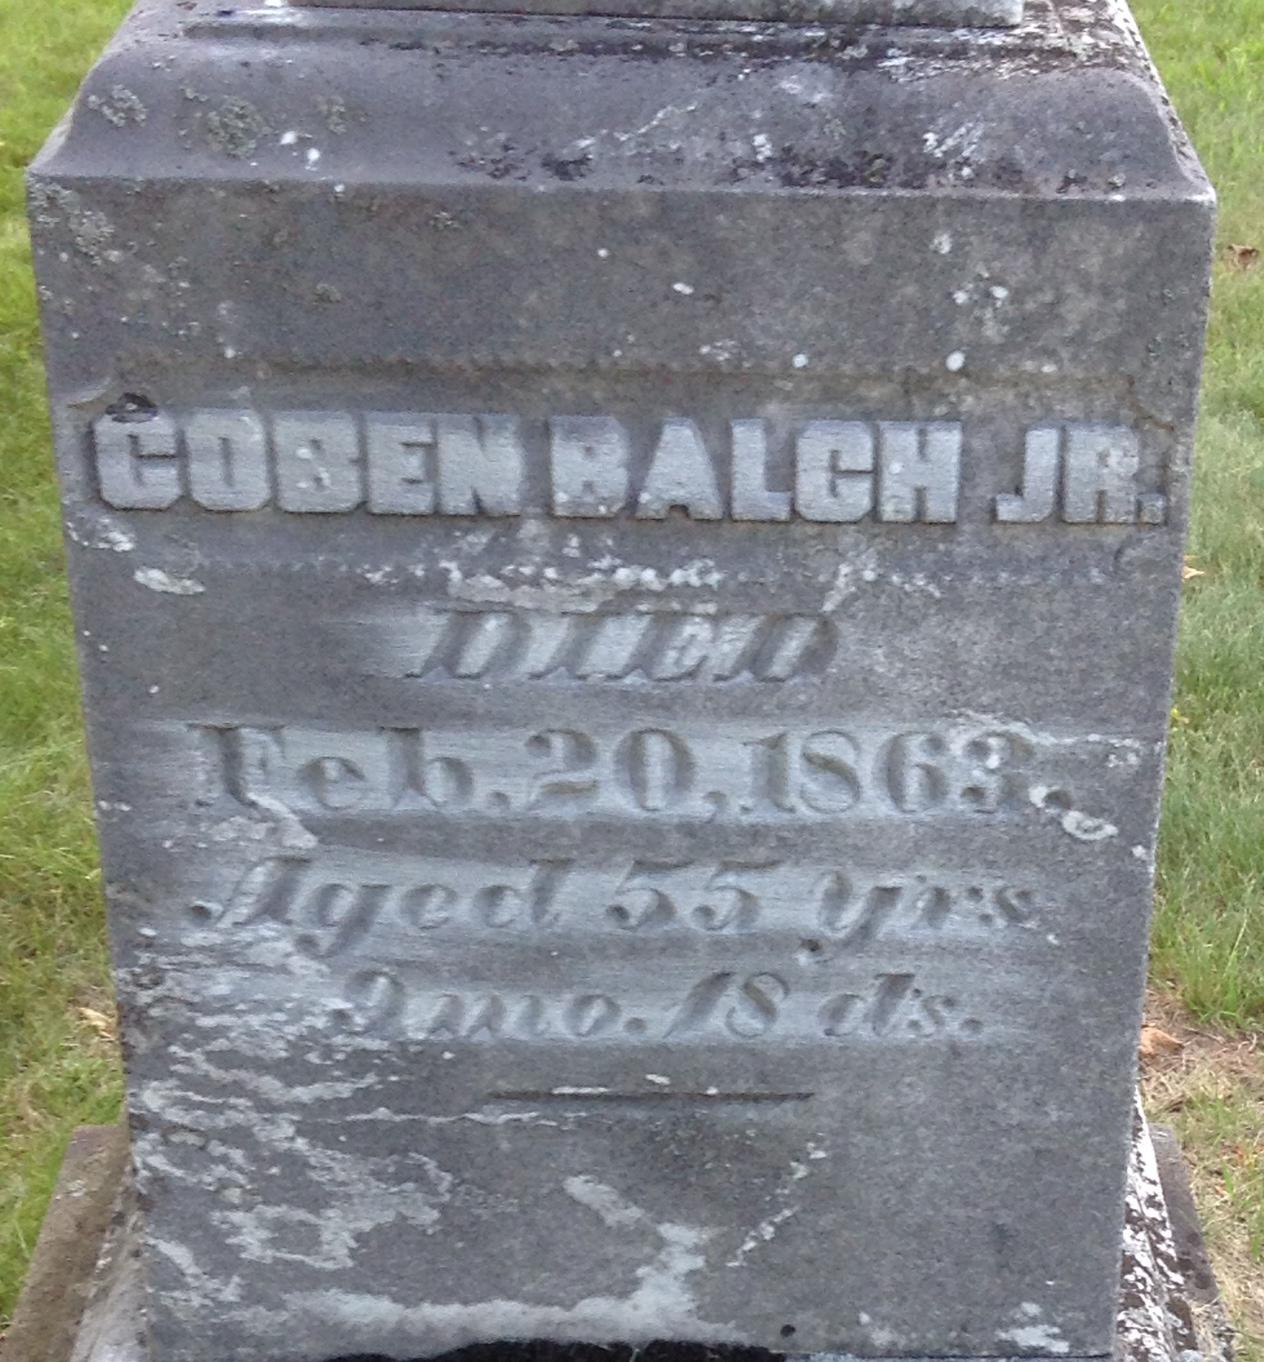 Coben Balch, Jr